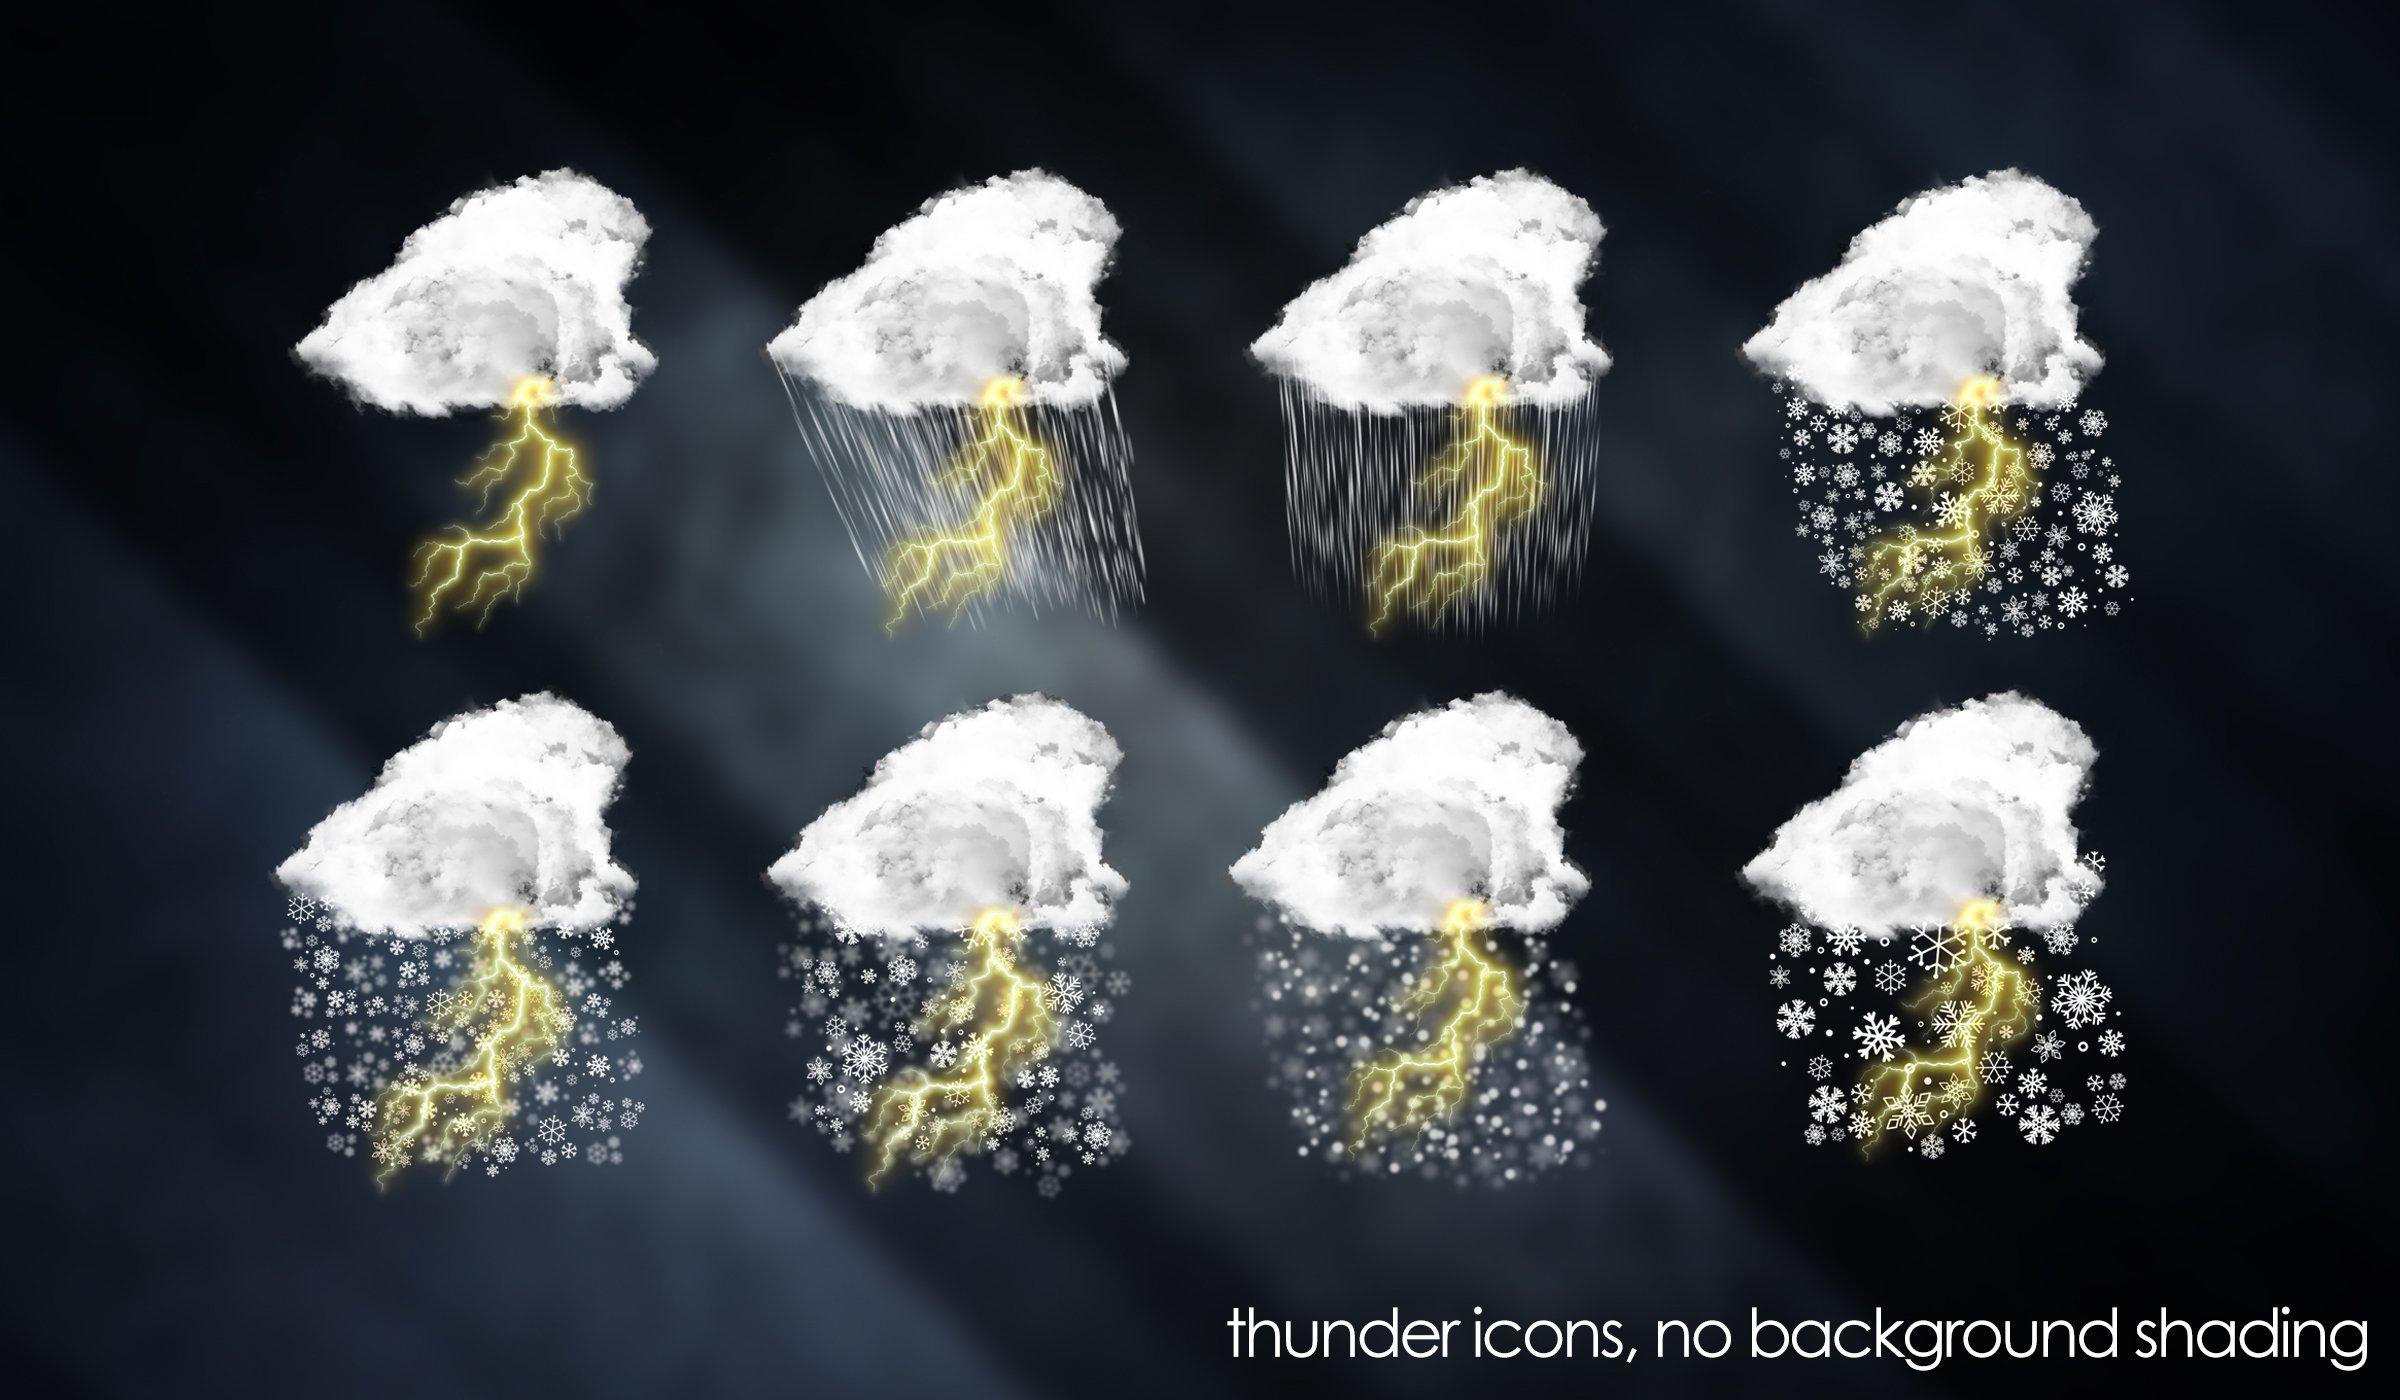 thunder 1